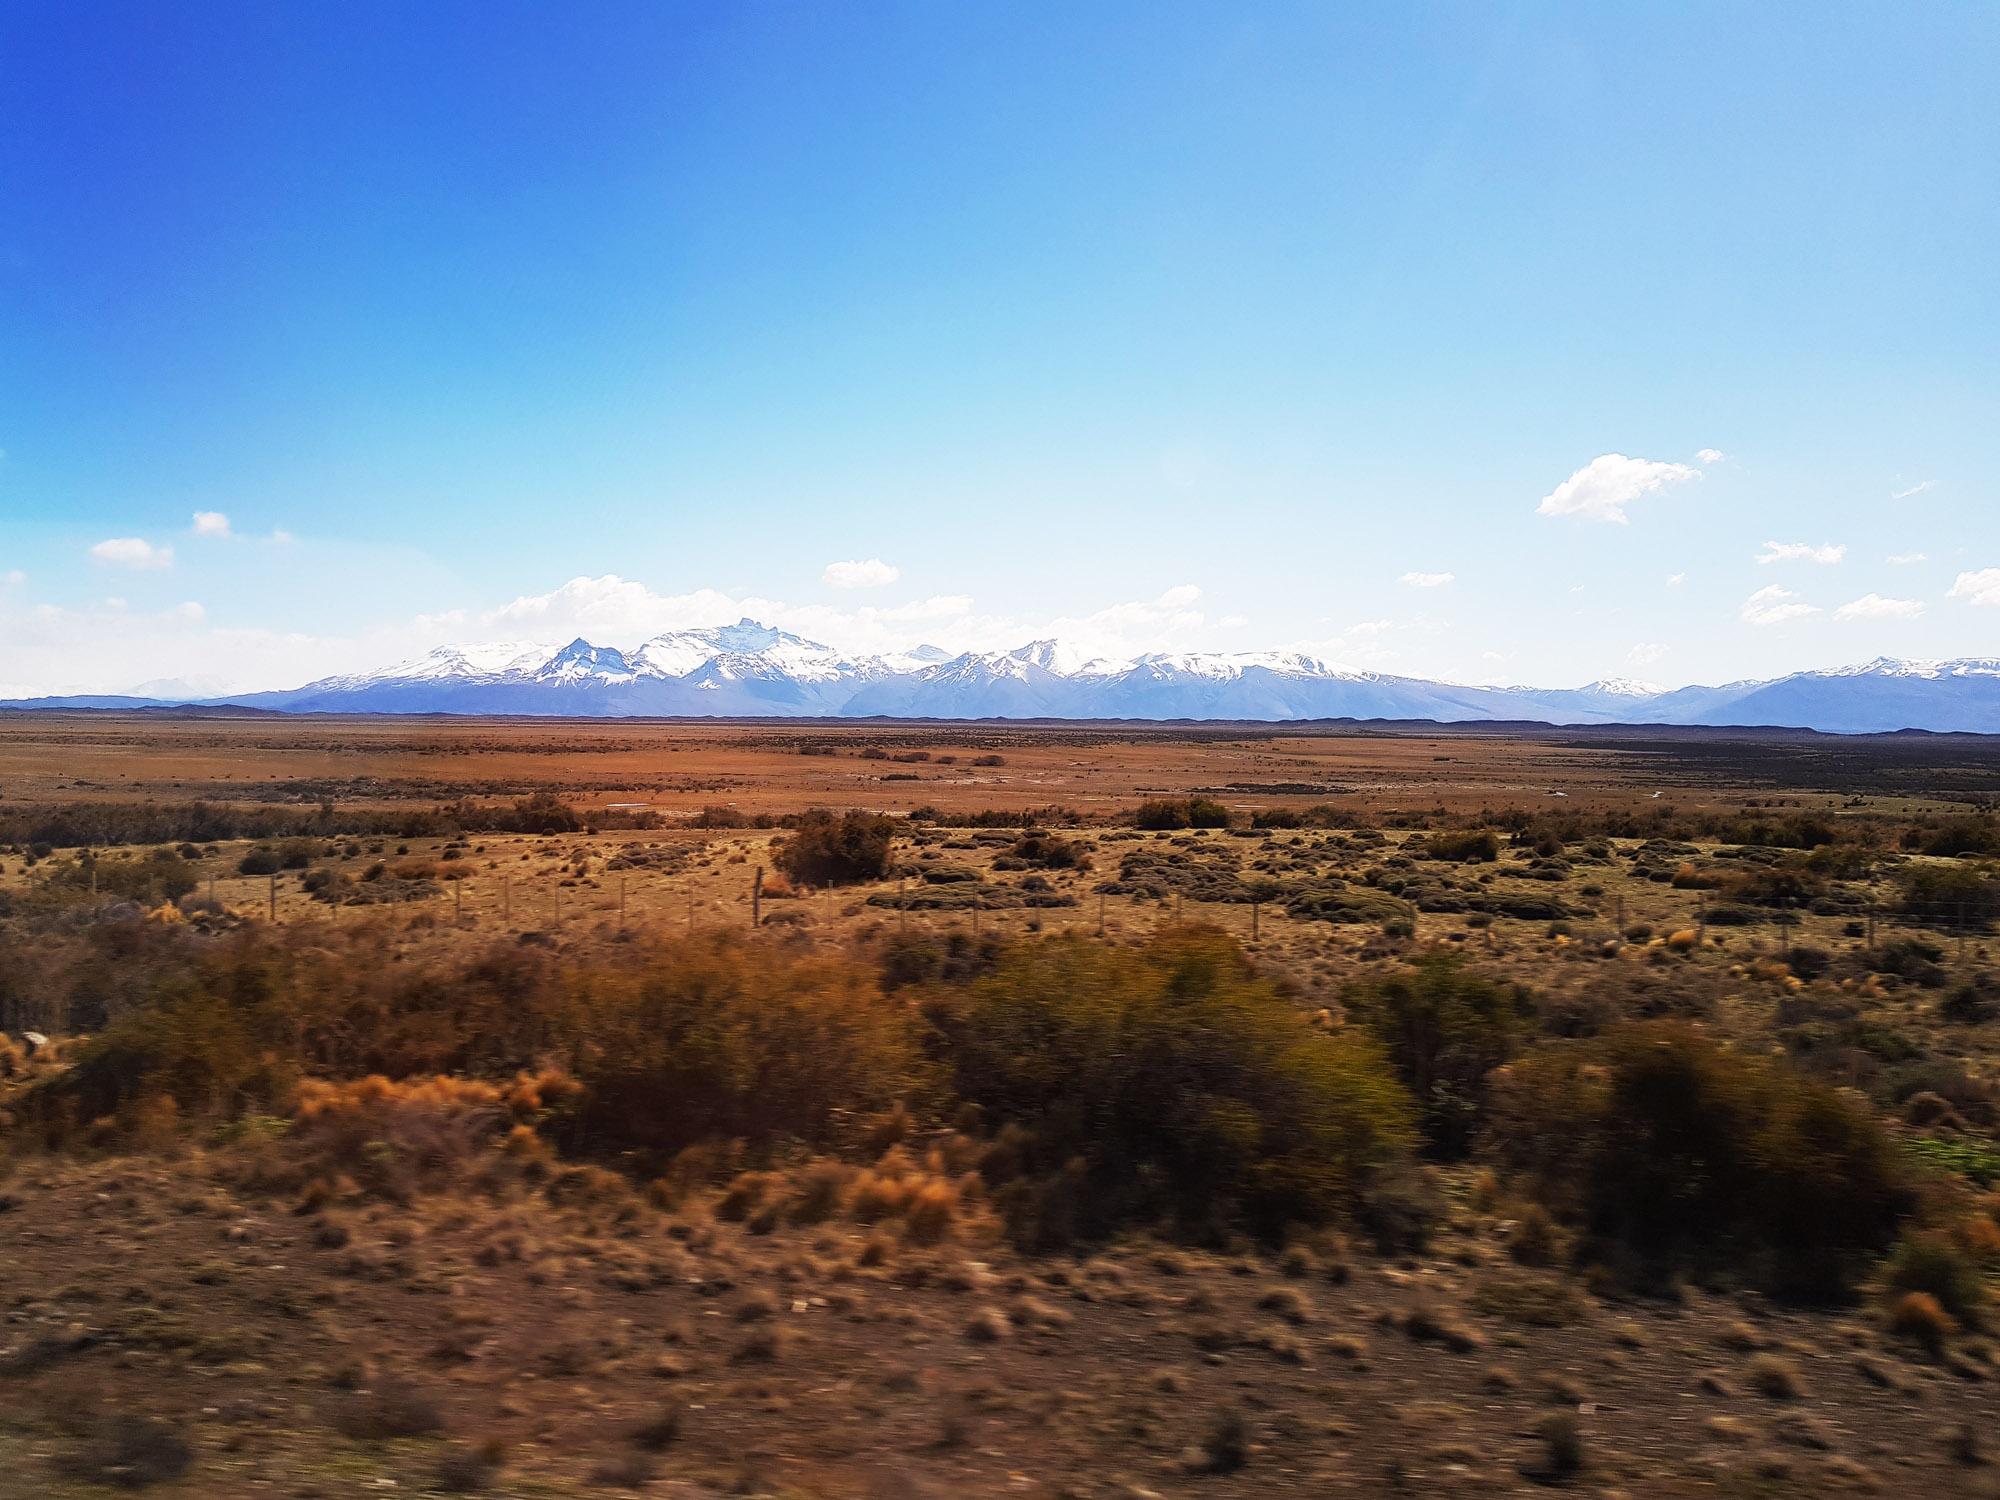 13 Uhr: Pampa, die Berge kommen näher